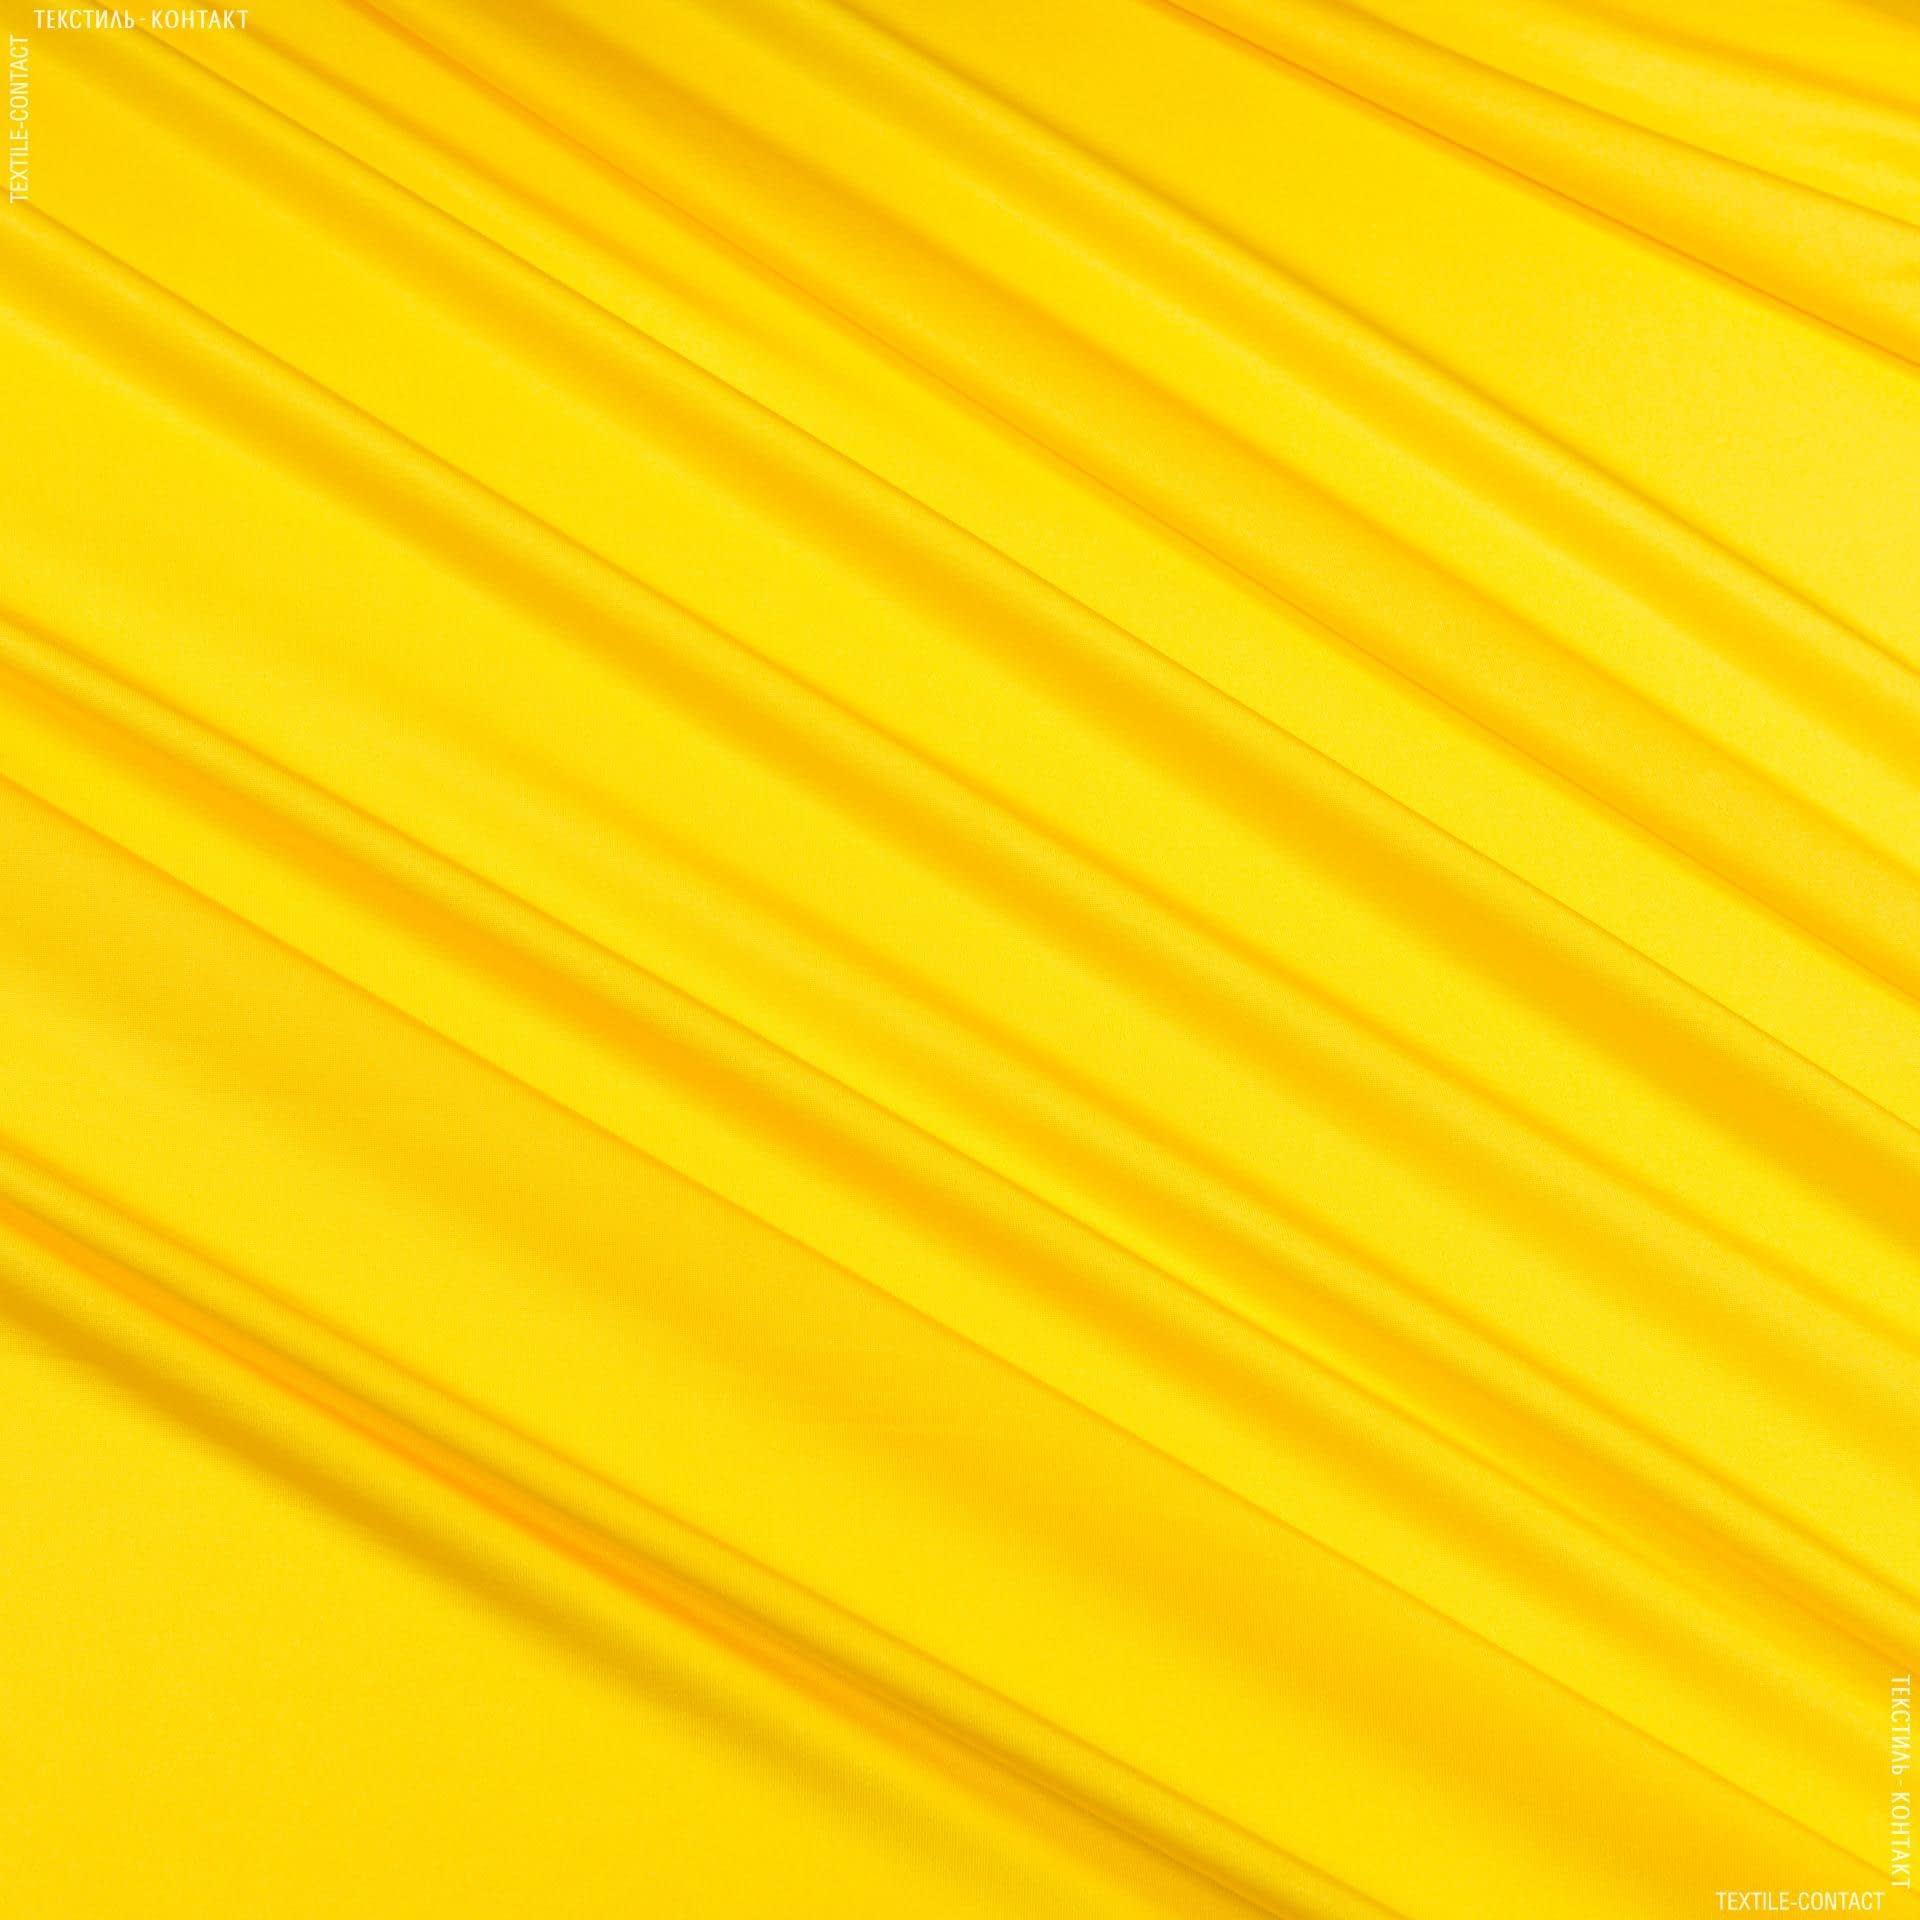 Ткани для платьев - Трикотаж жасмин желтый